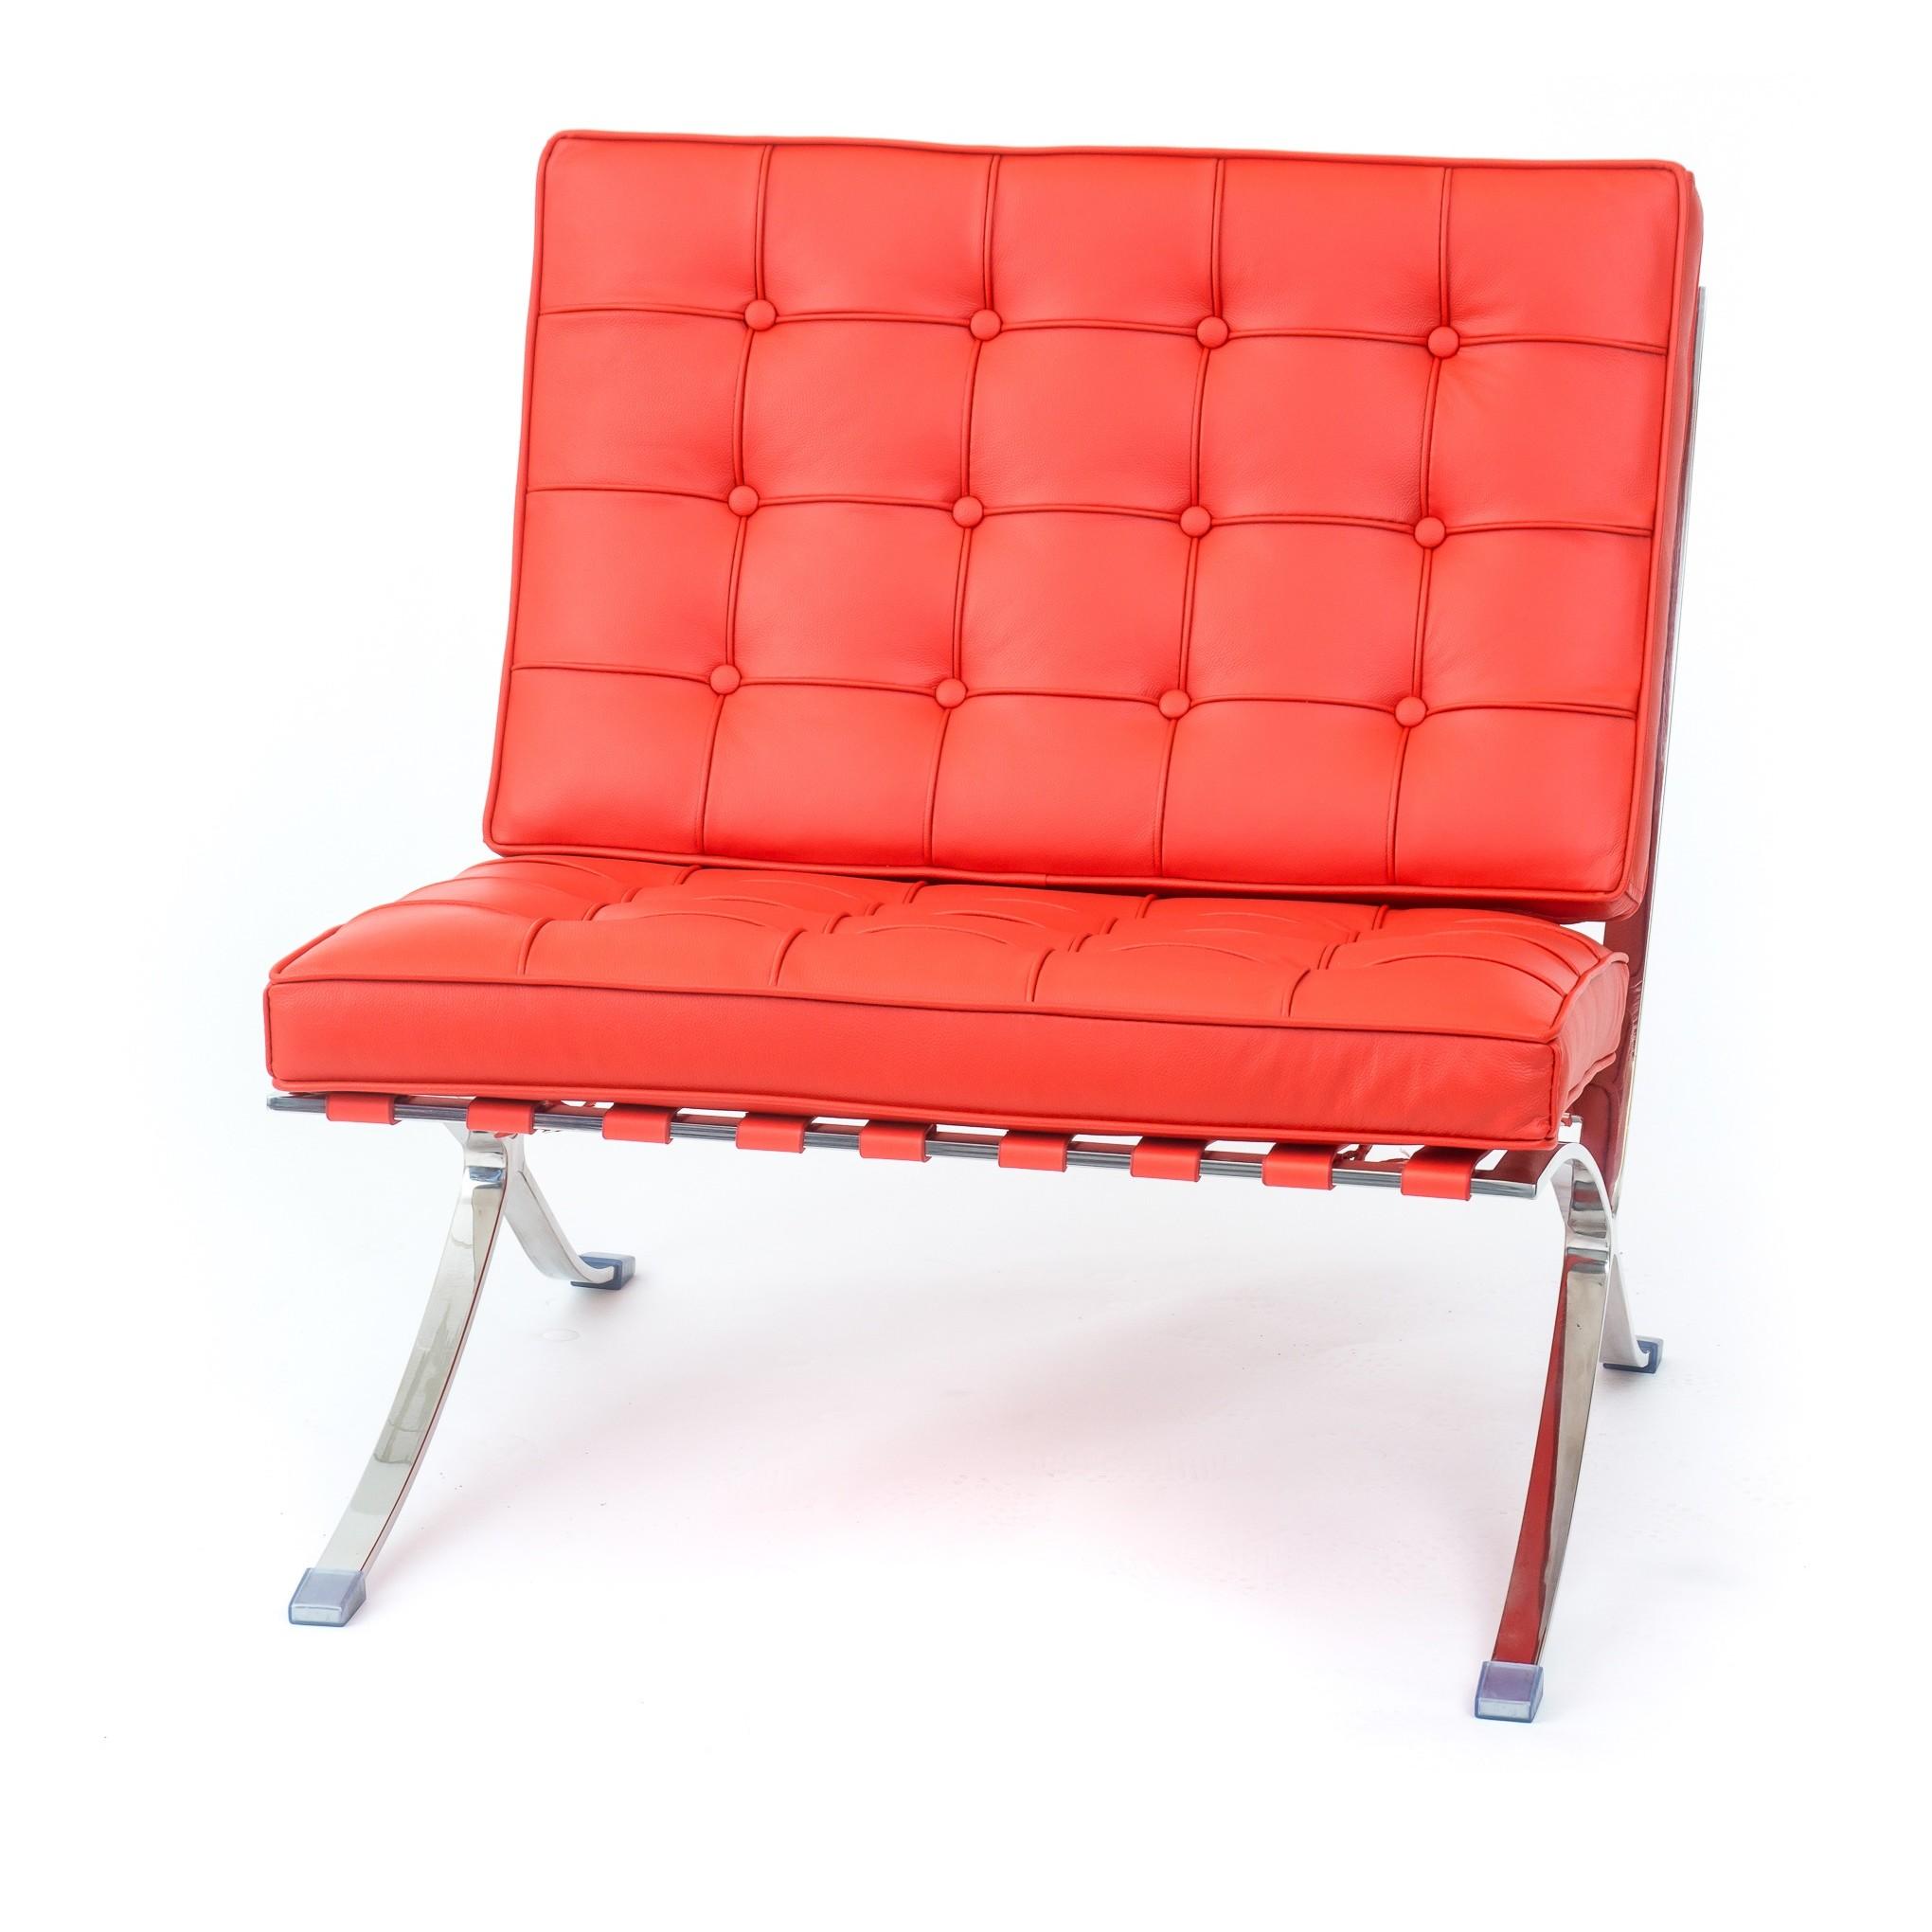 Pavilion Lounge Chair   Premium Top Grain Leather